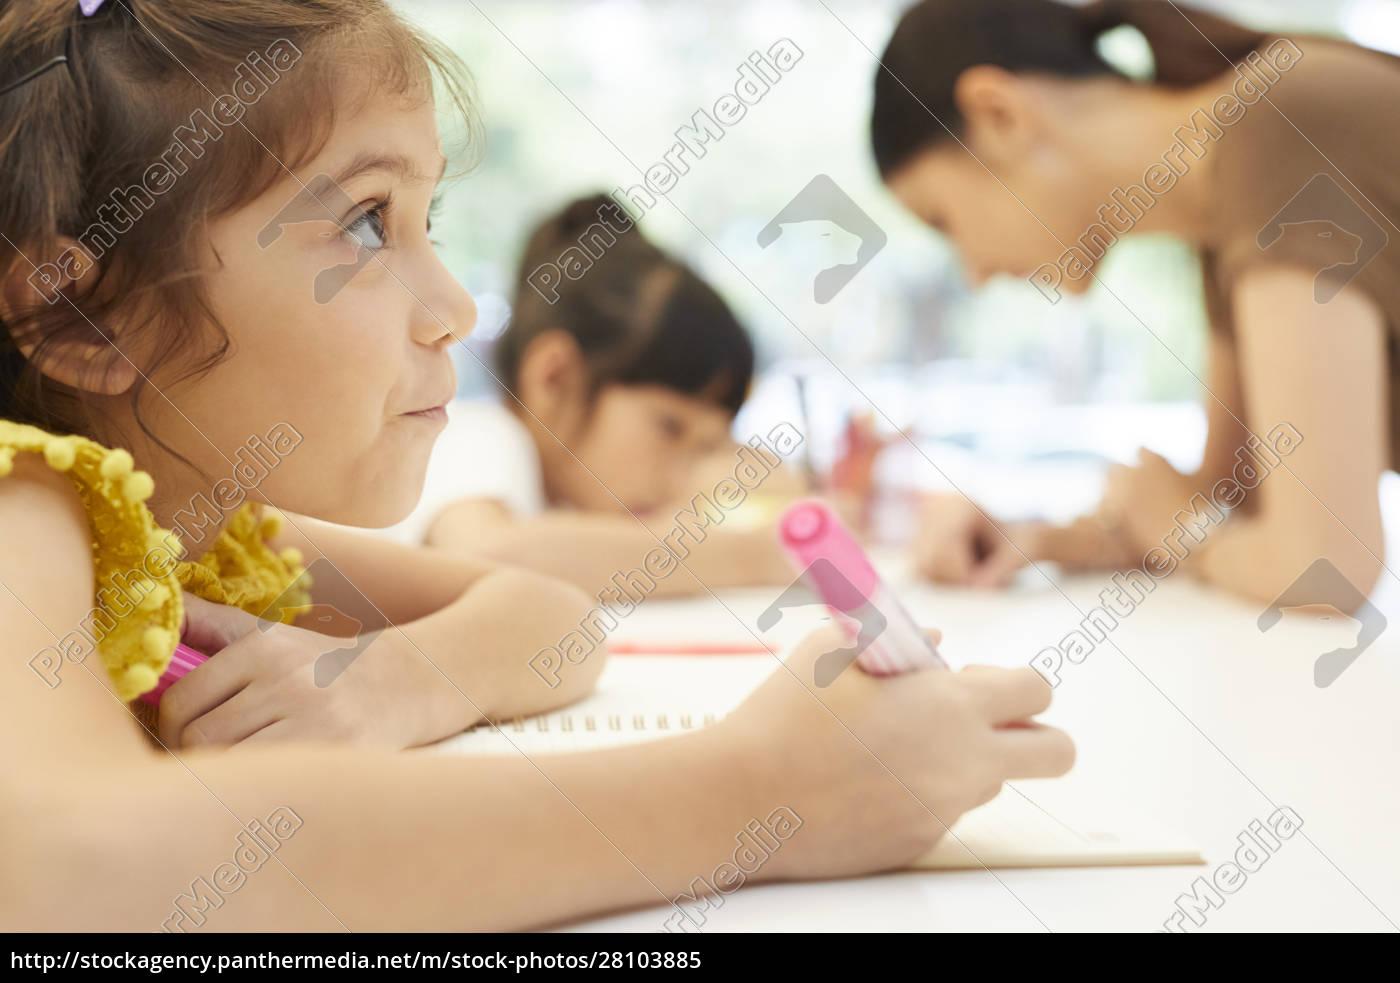 Życie, szkolne, dla, dzieci, w, wieku - 28103885